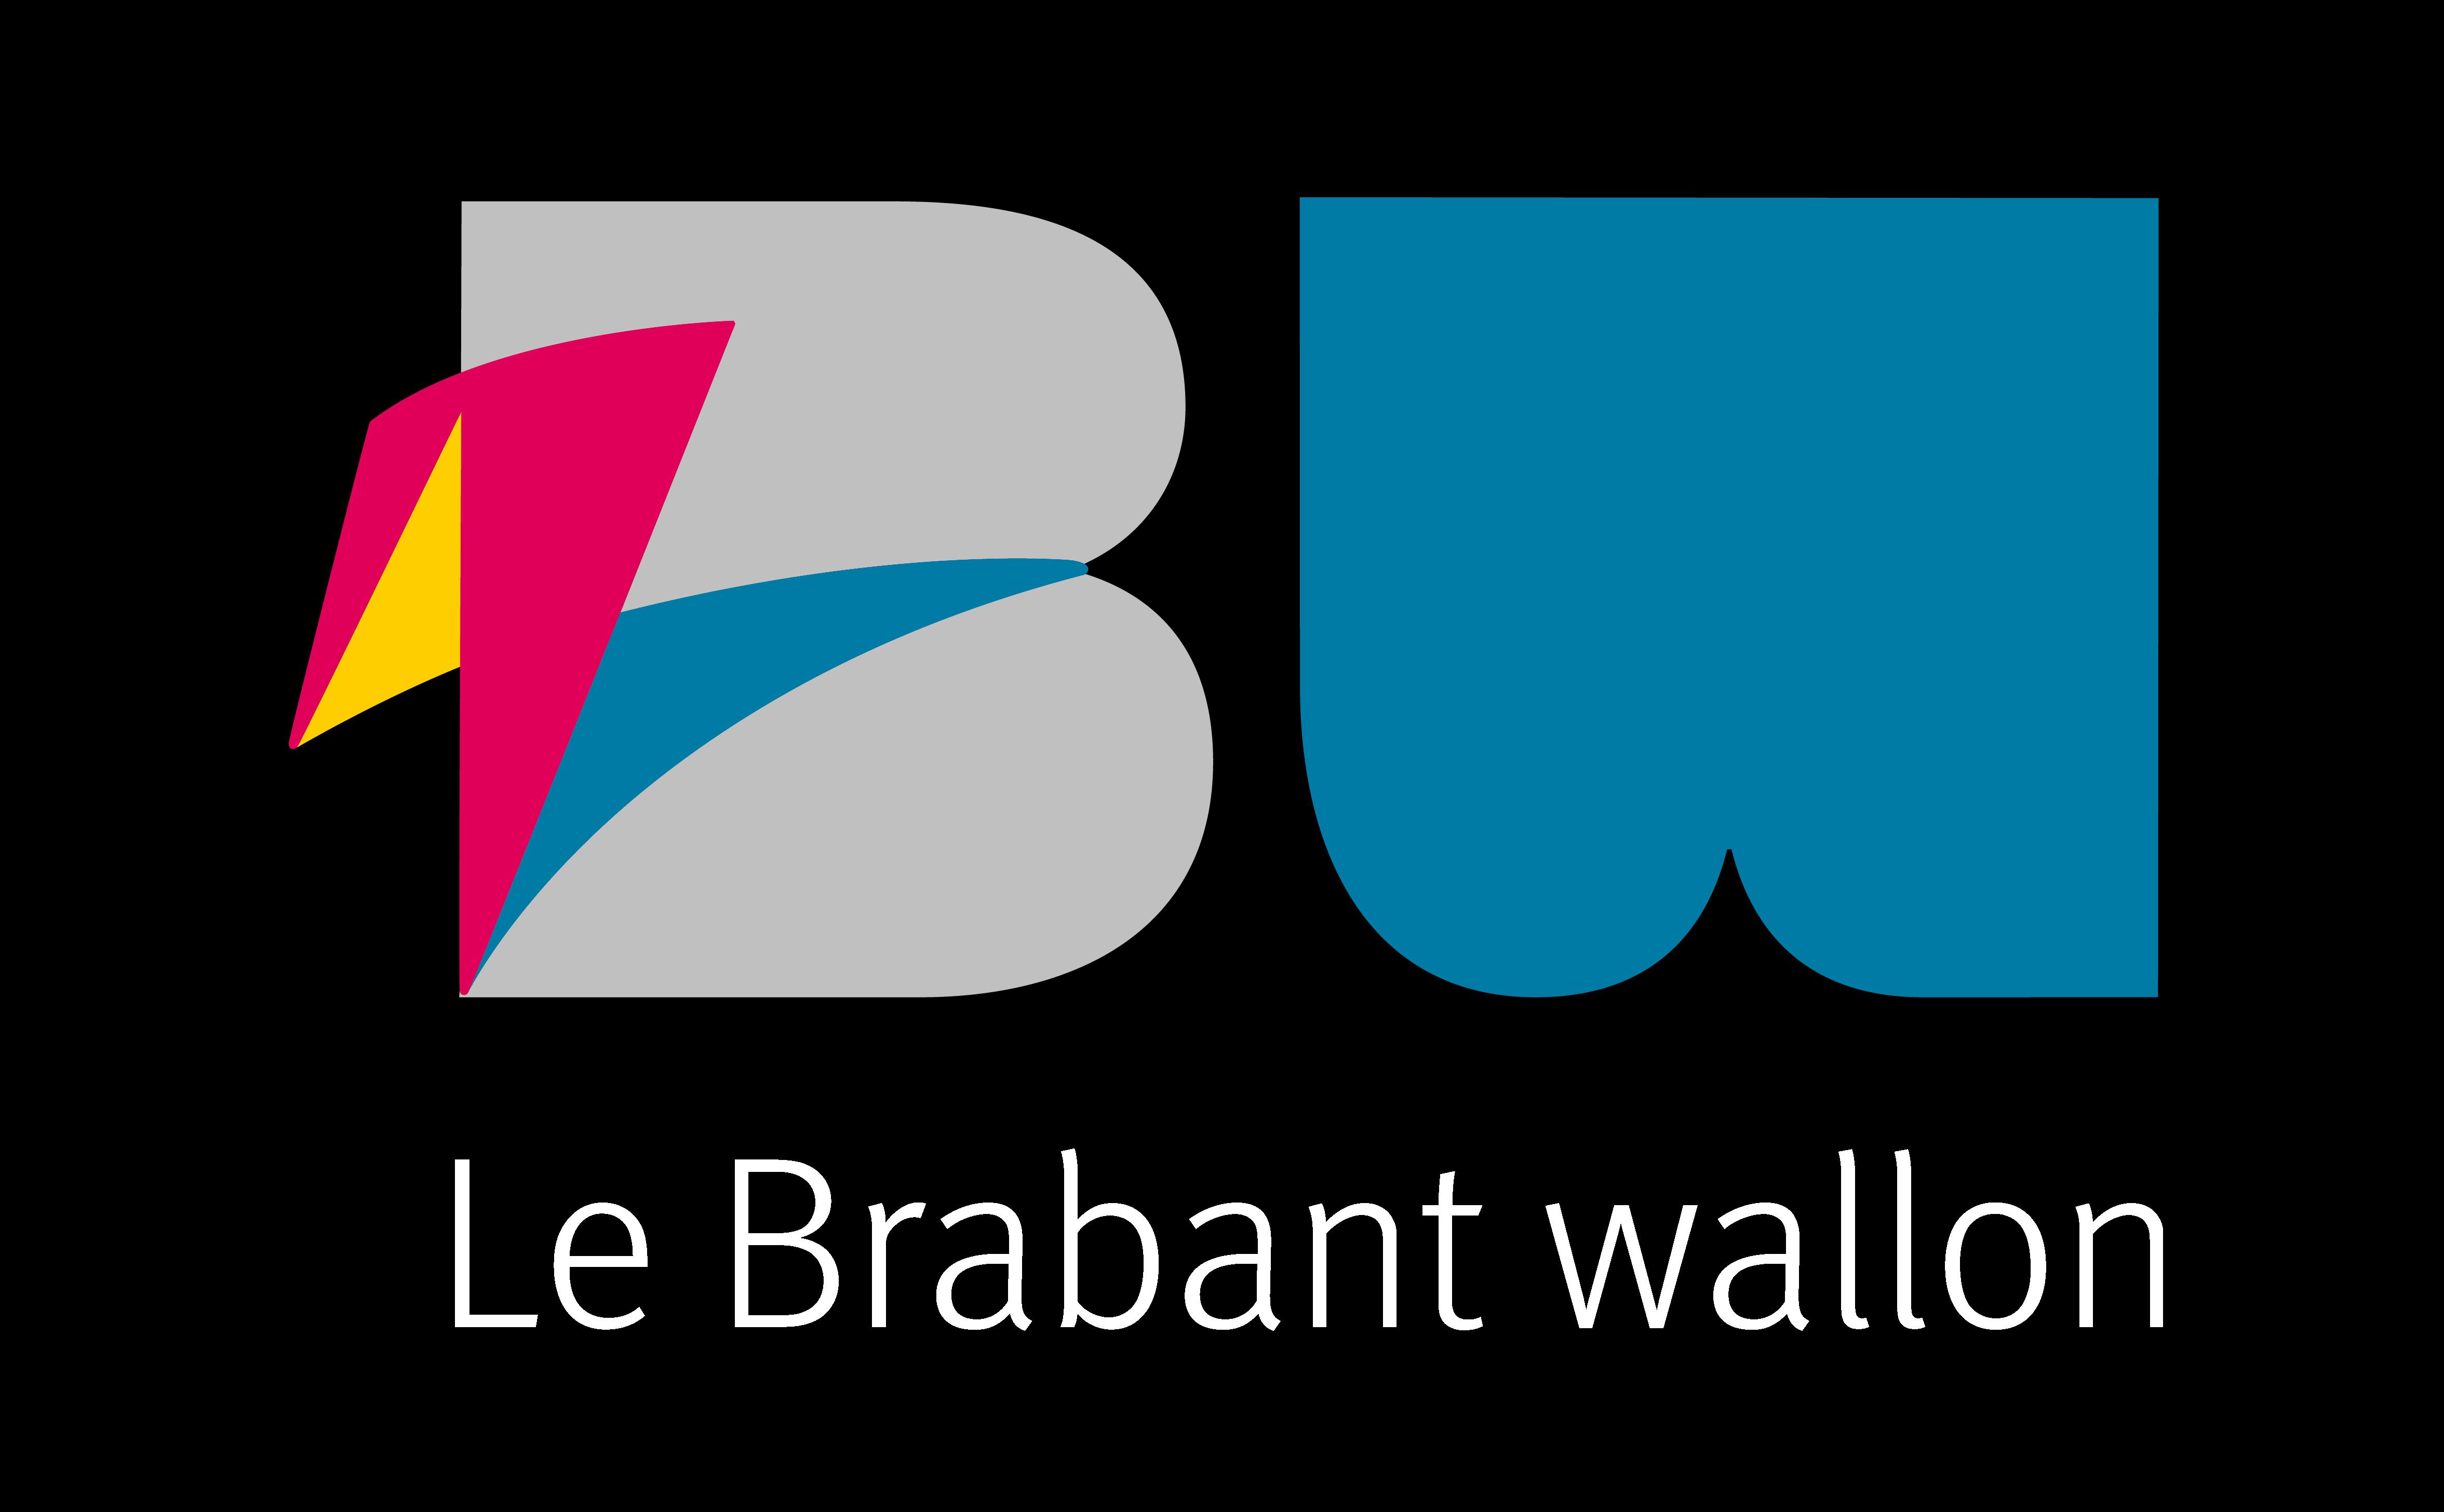 logo-brabant-wallon baseline blanc copie